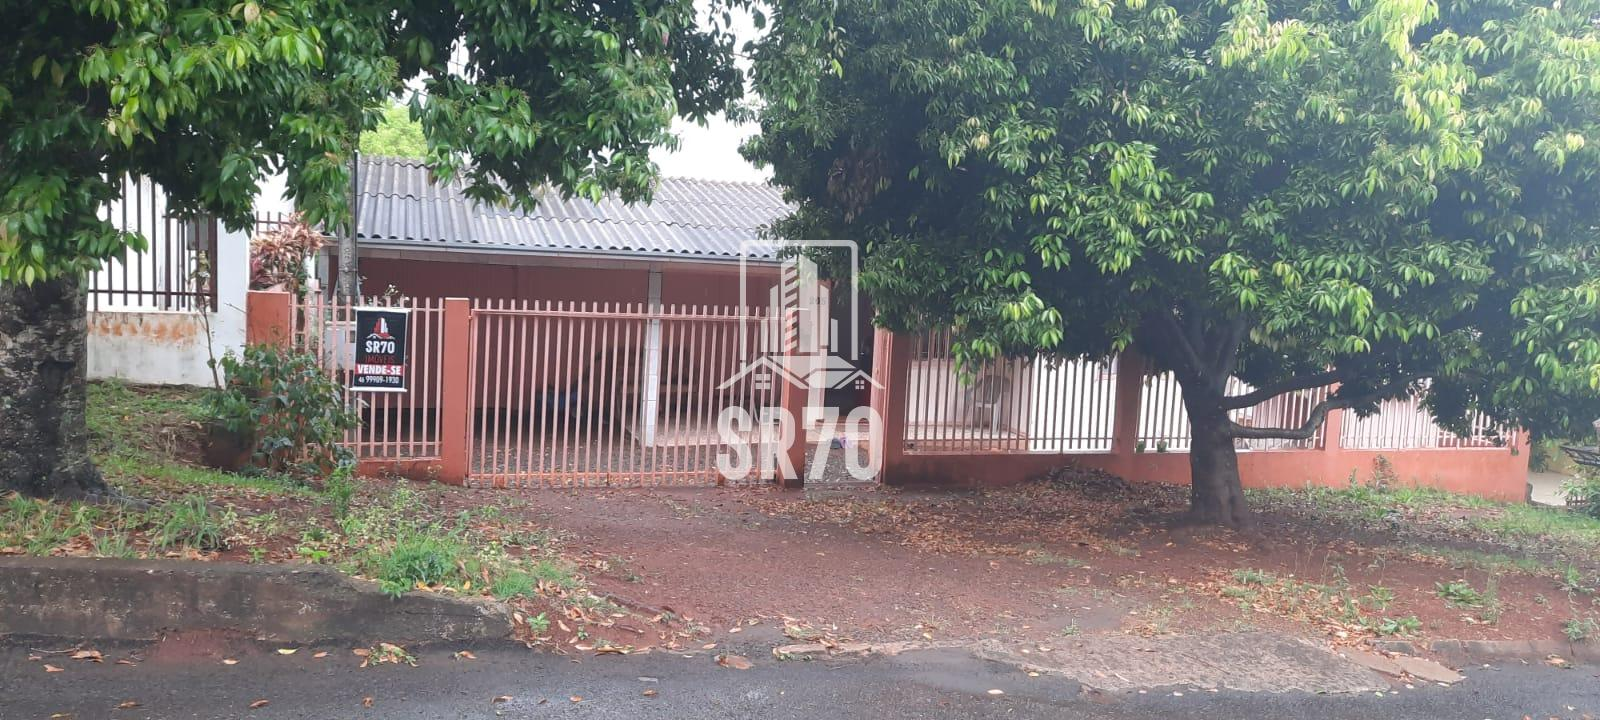 Casa com 2 dormitórios à venda, SÃO CRISTOVÃO, QUEDAS DO IGUACU - PR